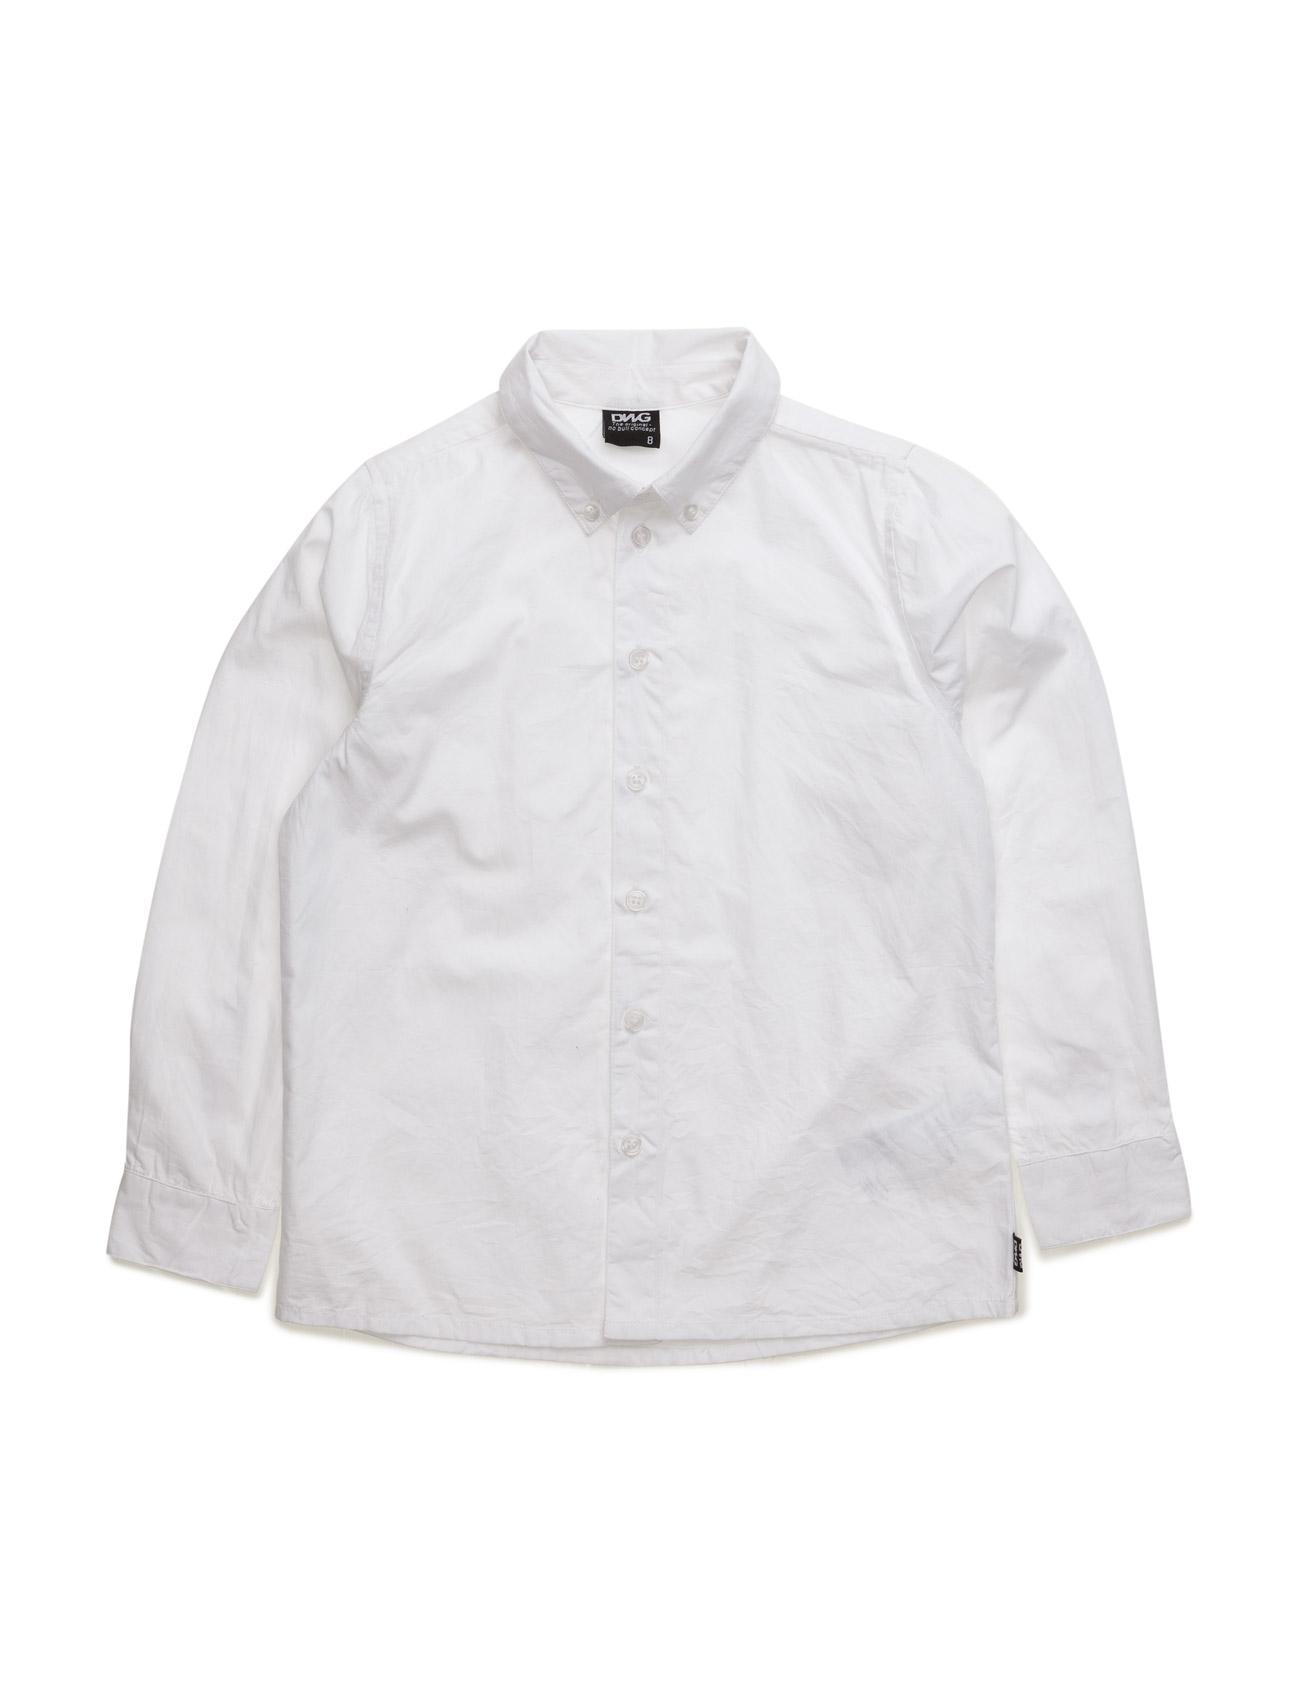 Benno Shirt D-xel Trøjer til Drenge i hvid